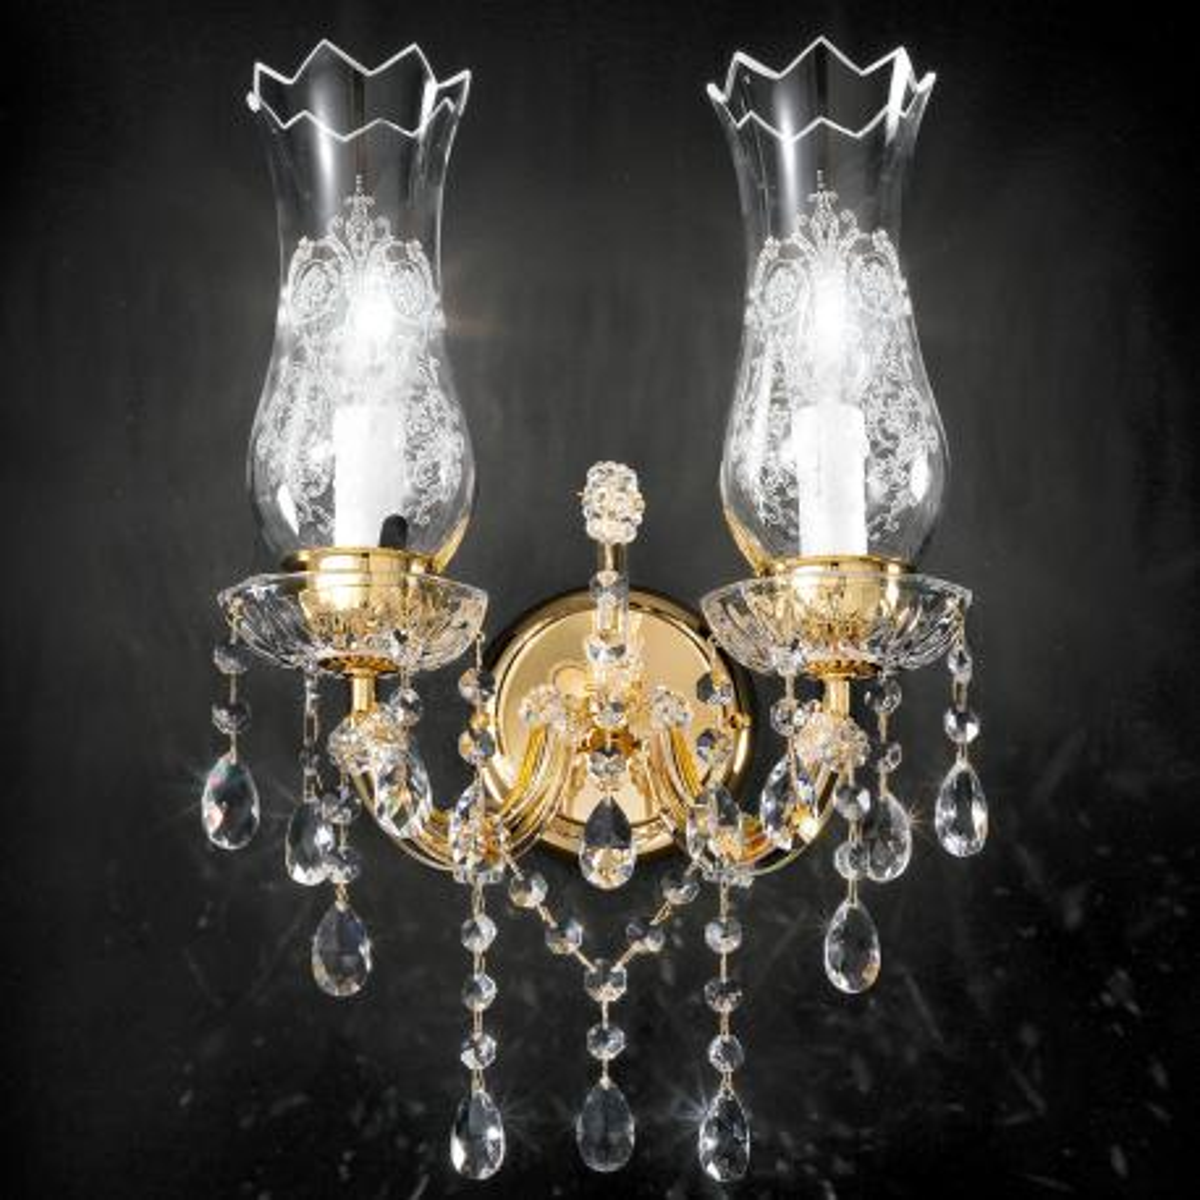 """""""Michelangelo"""" venezianischer kristall wandleuchte - 2 flammig - transparent mit kristal Asfour"""